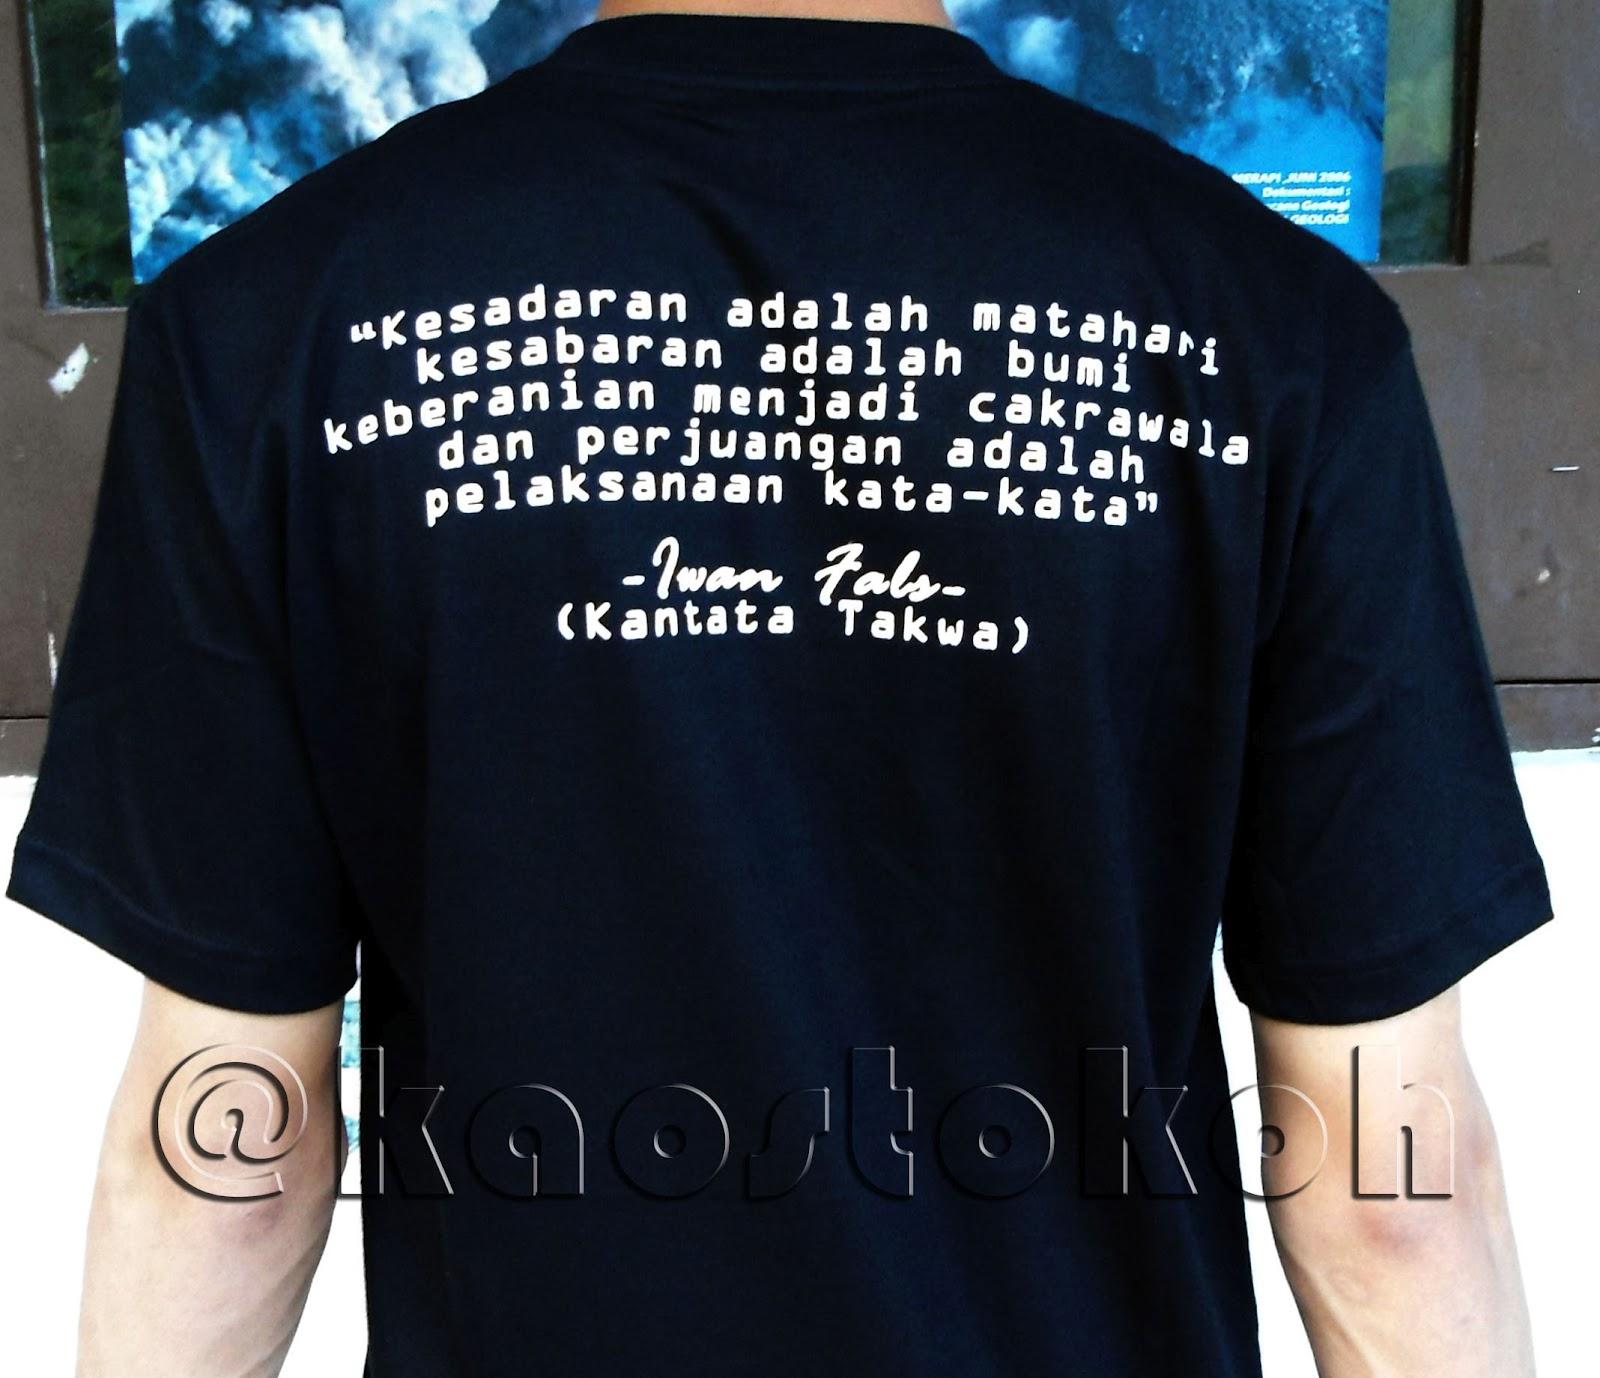 Kaos Iwan Fals | Blog Tokoh Indonesia